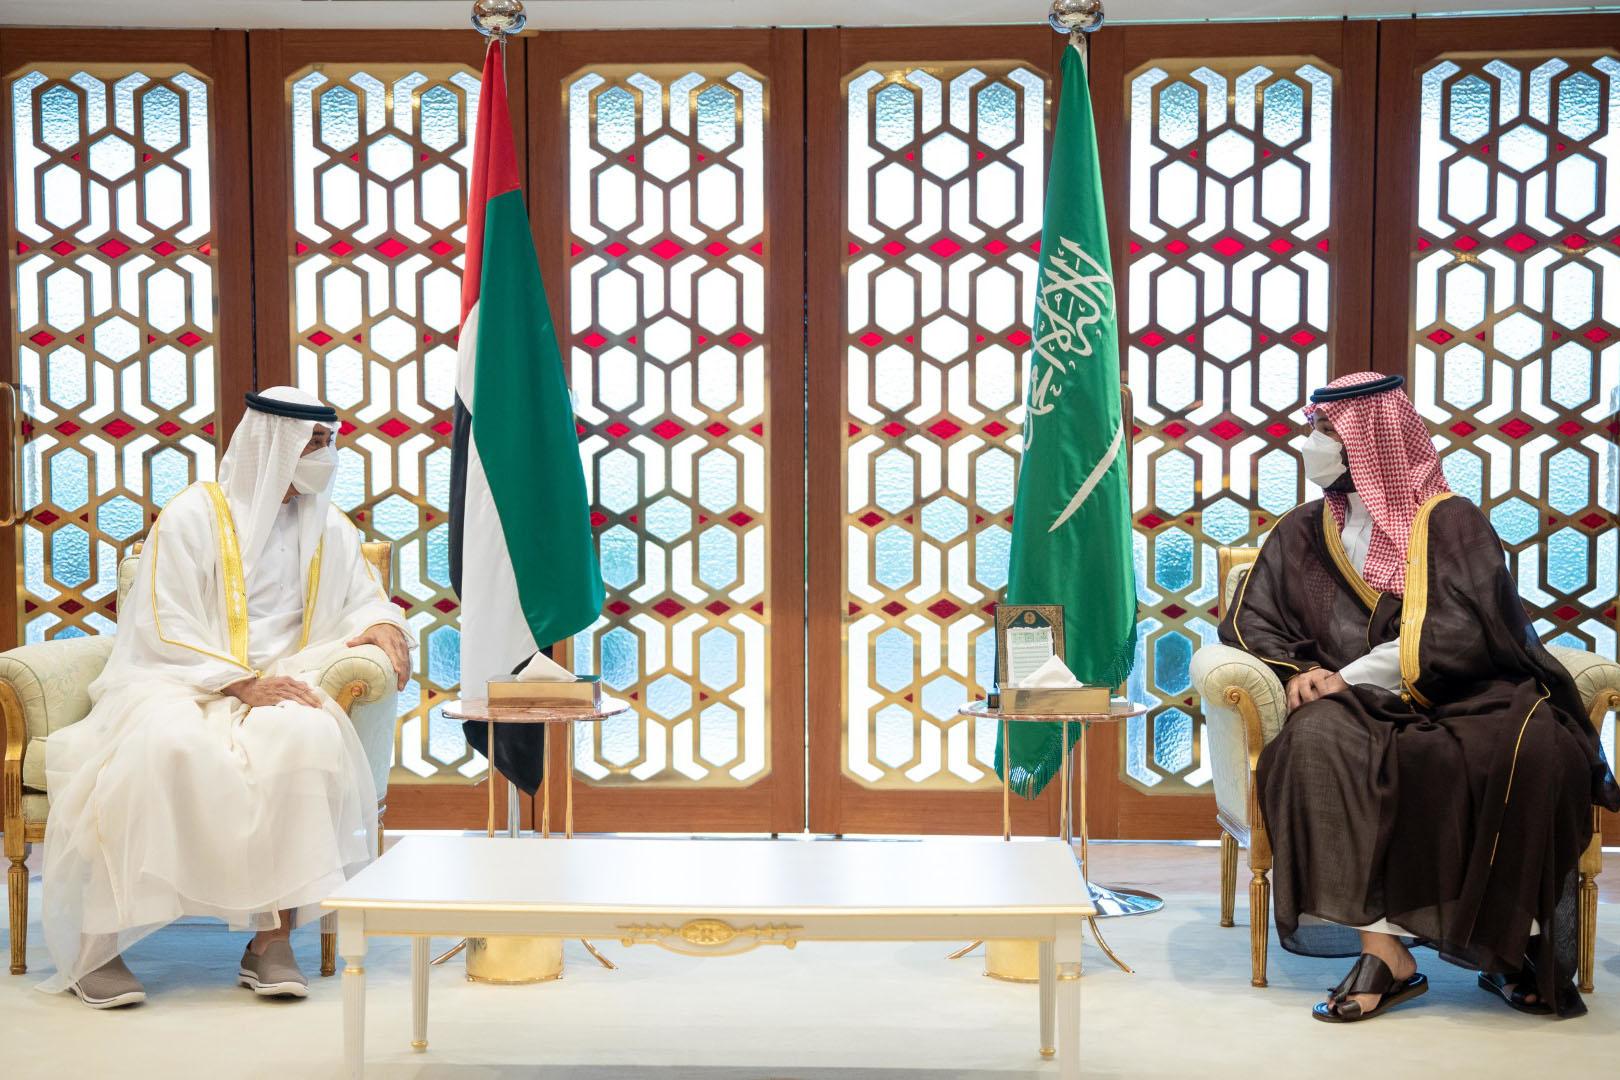 محمد بن زايد ومحمد بن سلمان يبحثان في الرياض العلاقات الأخوية والتطورات في المنطقة